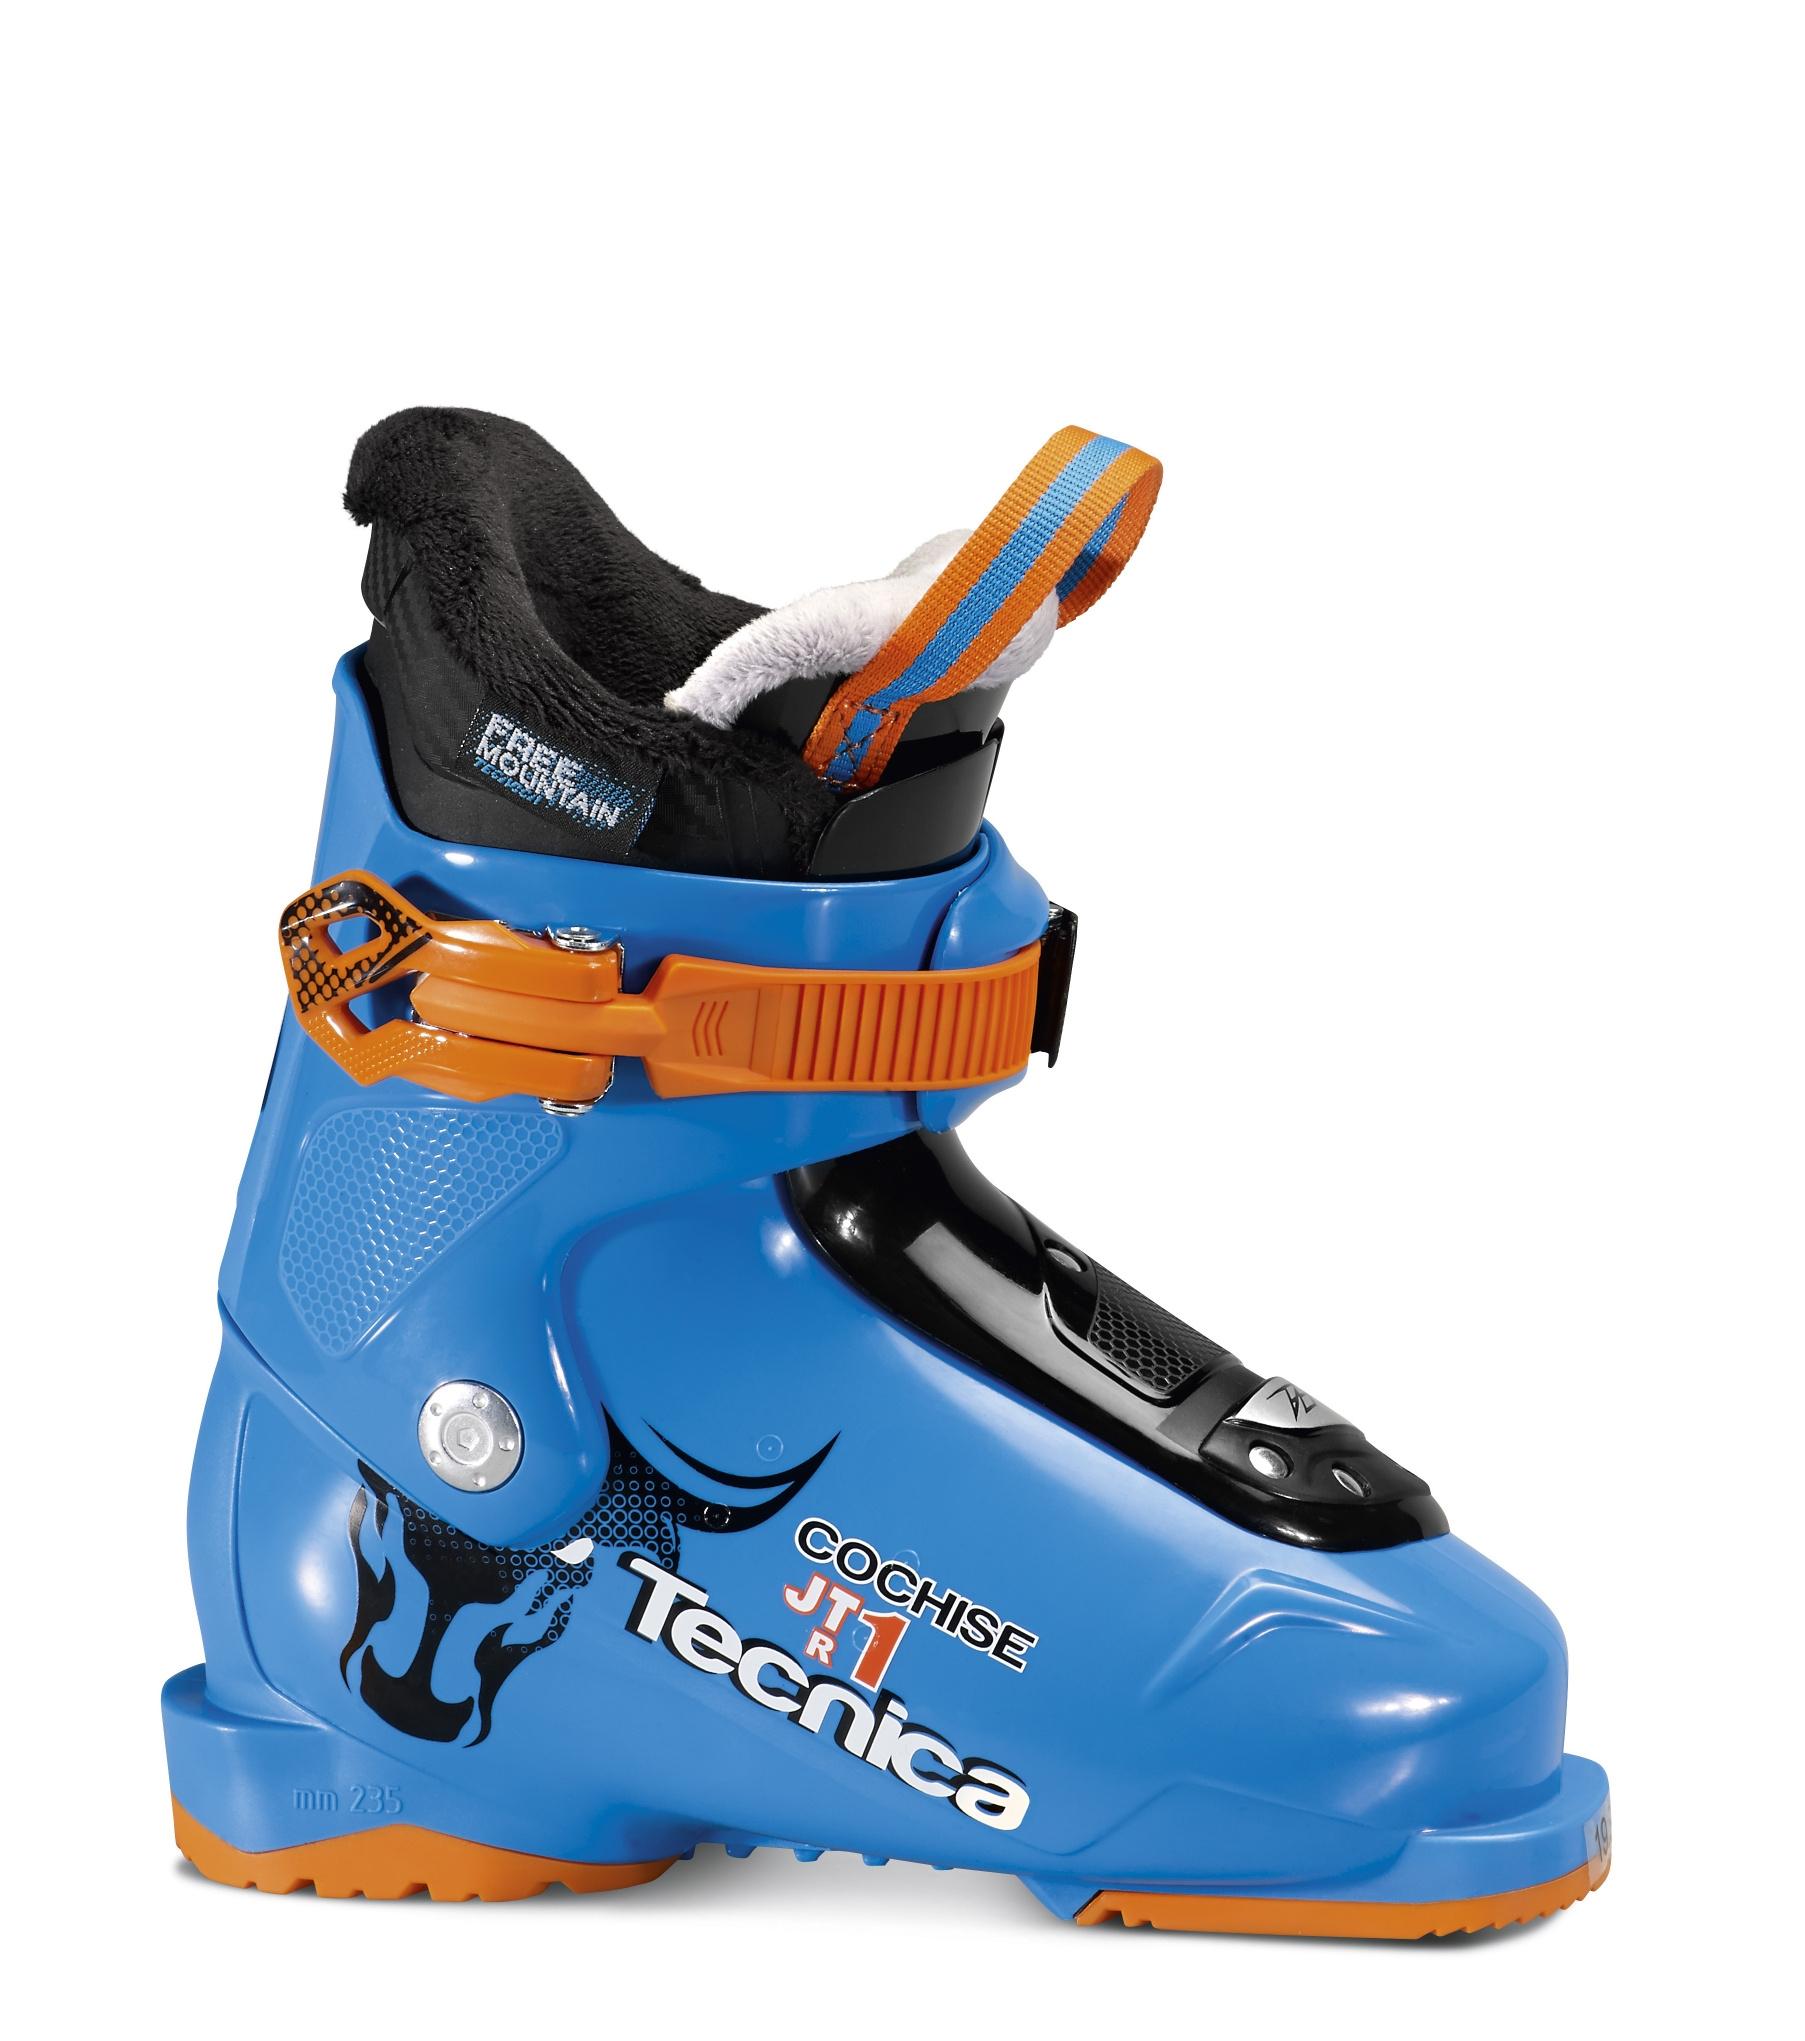 Lyžařské boty Tecnica JTR 1 Cochise Barva: Modrá, Velikost: 185